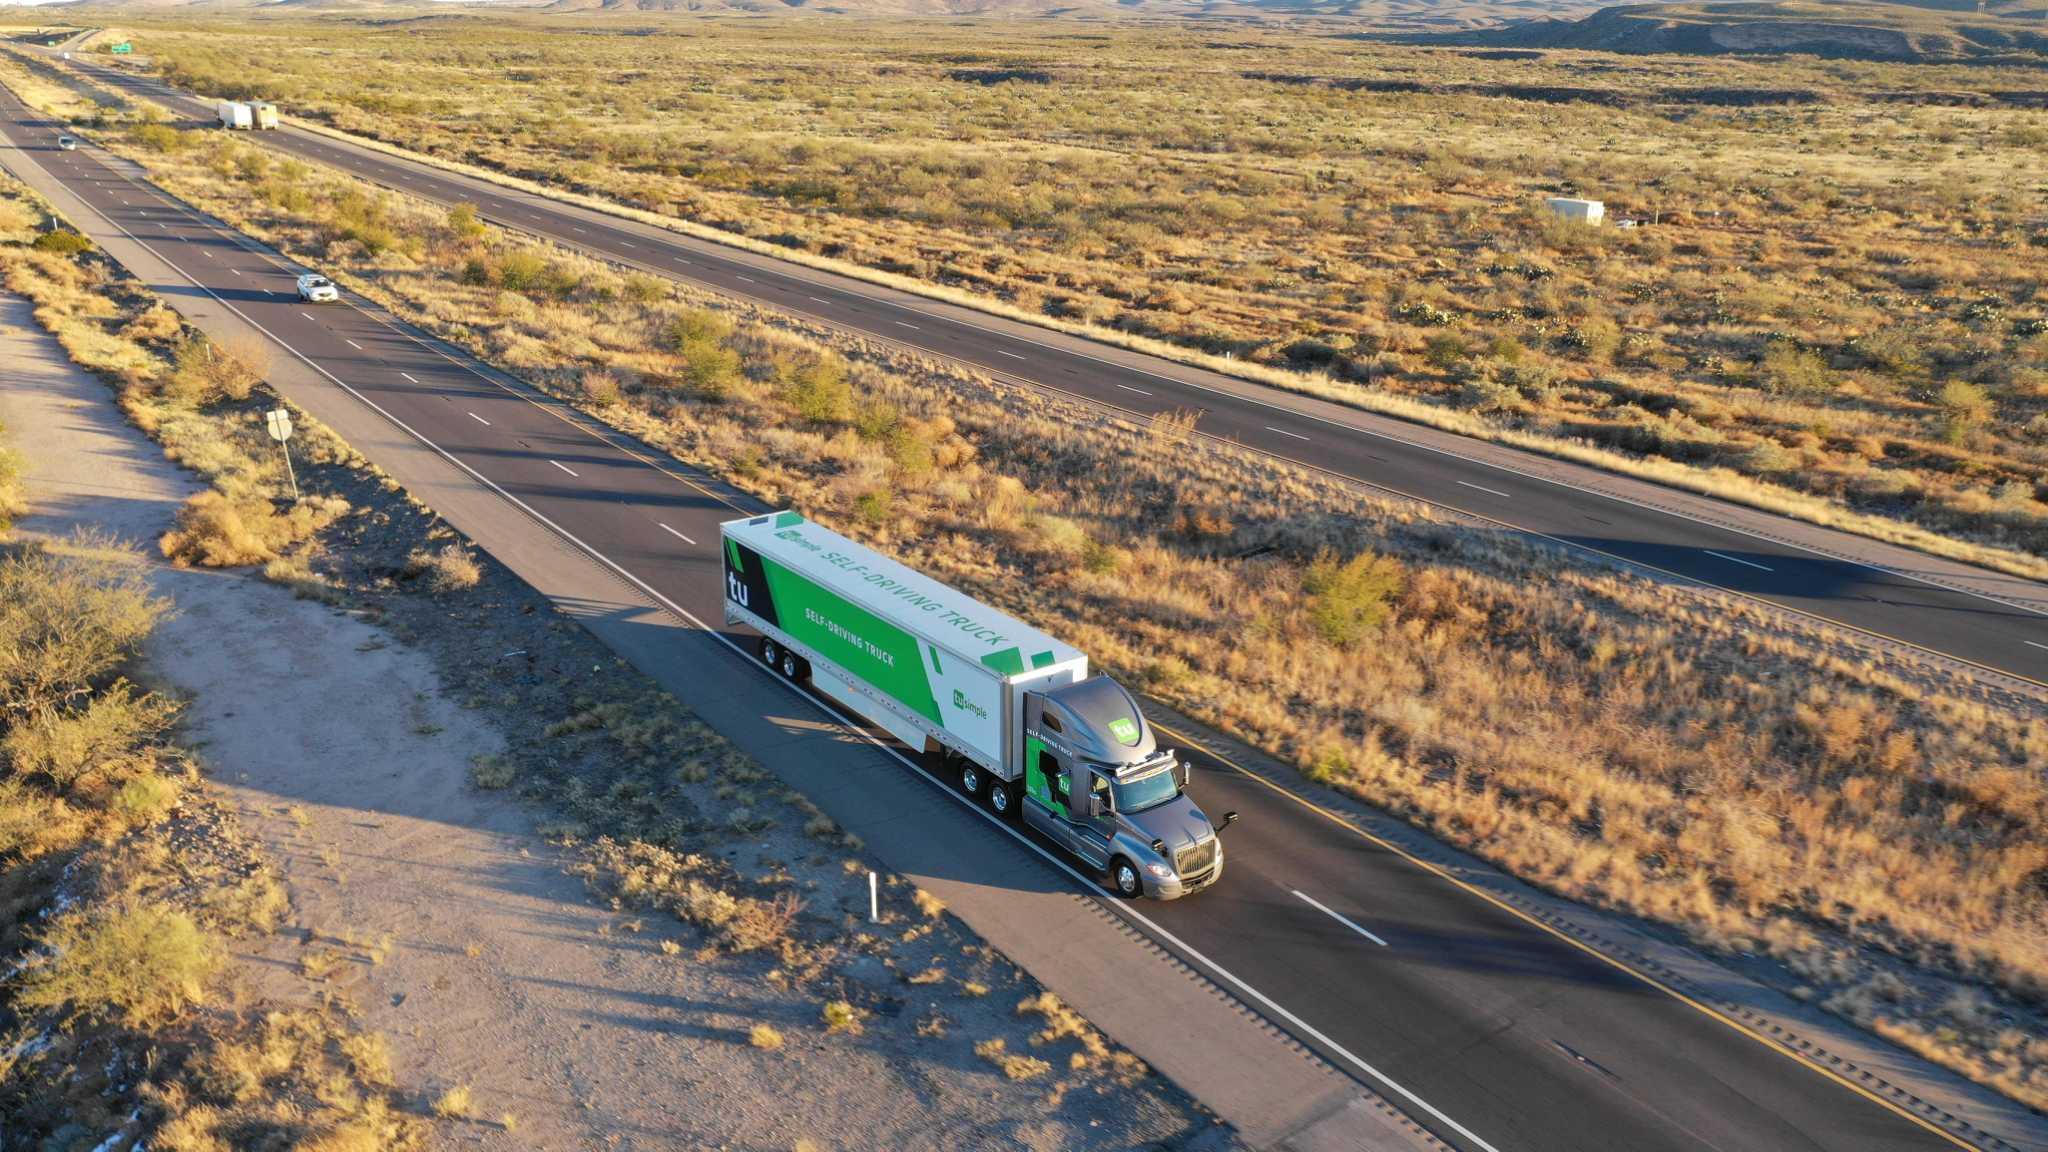 Autonomous semi-trucks coming to I-10 soon